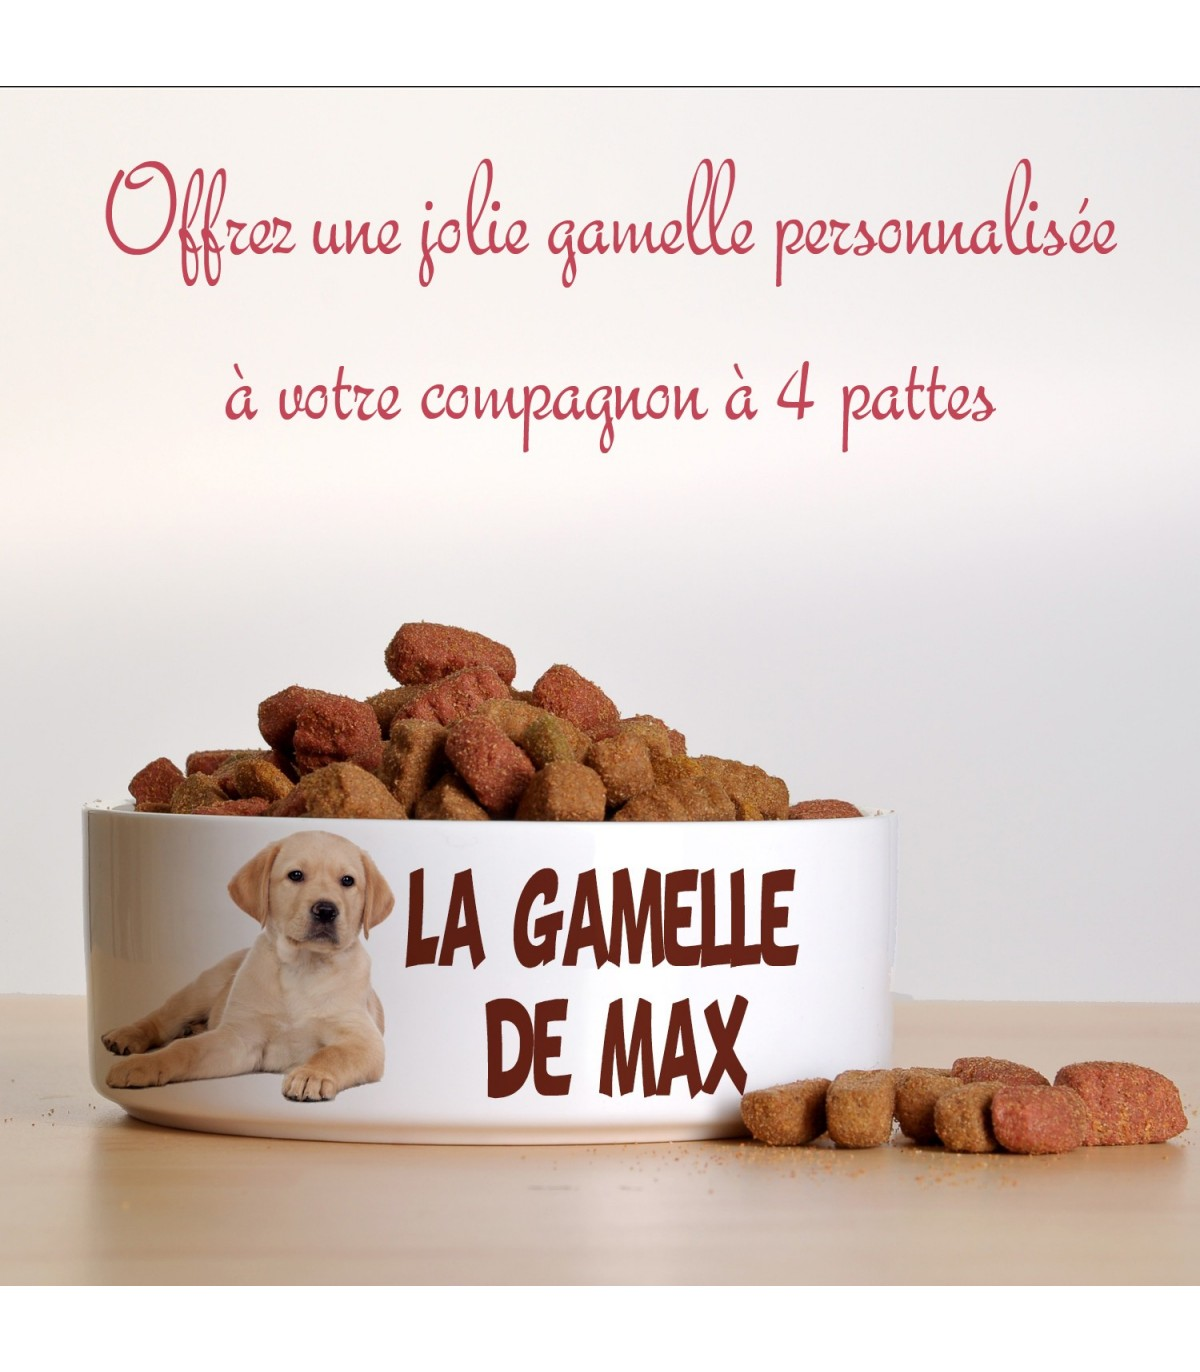 Gamelle Pour Chien Hauteur une gamelle personnalisée pour votre animal de compagnie, ch